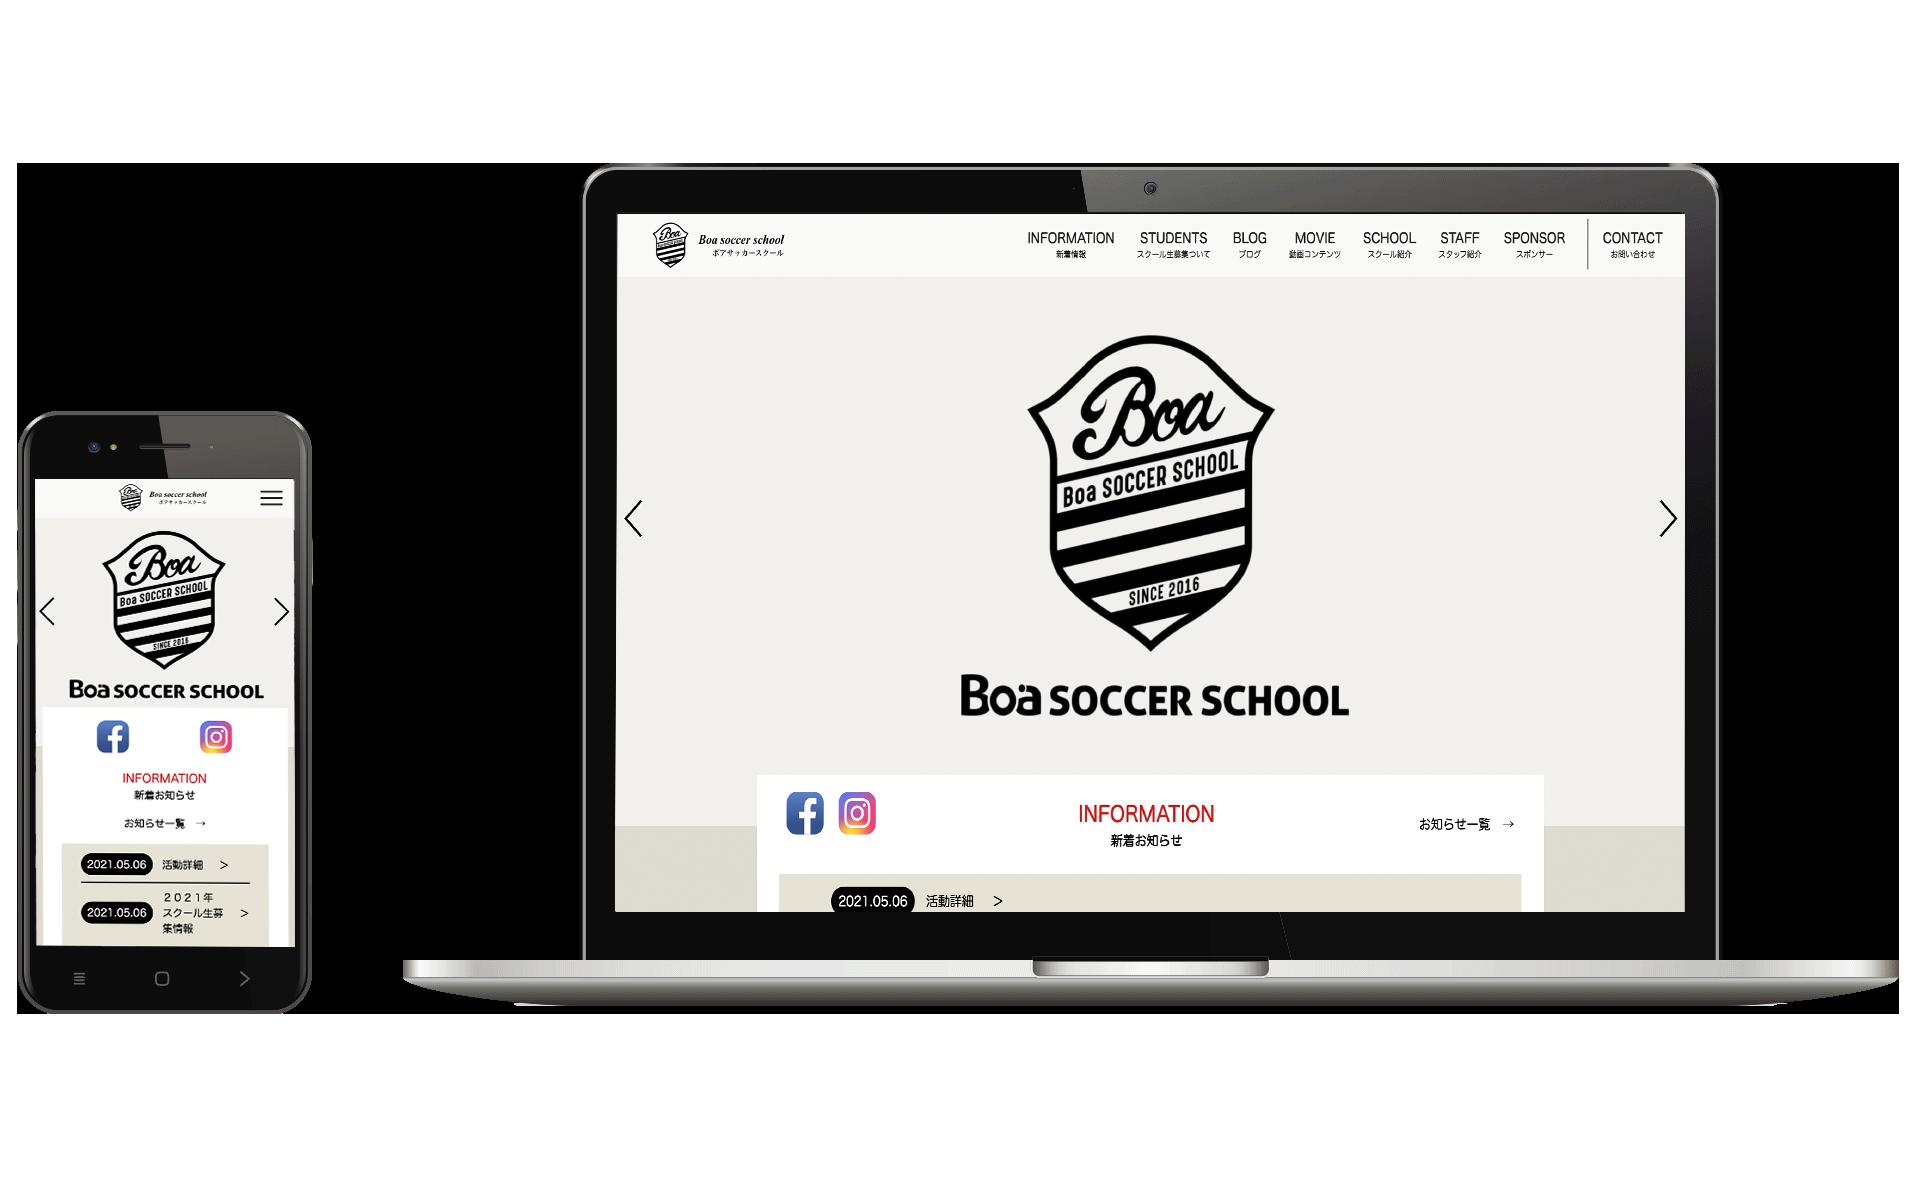 ボアサッカースクール